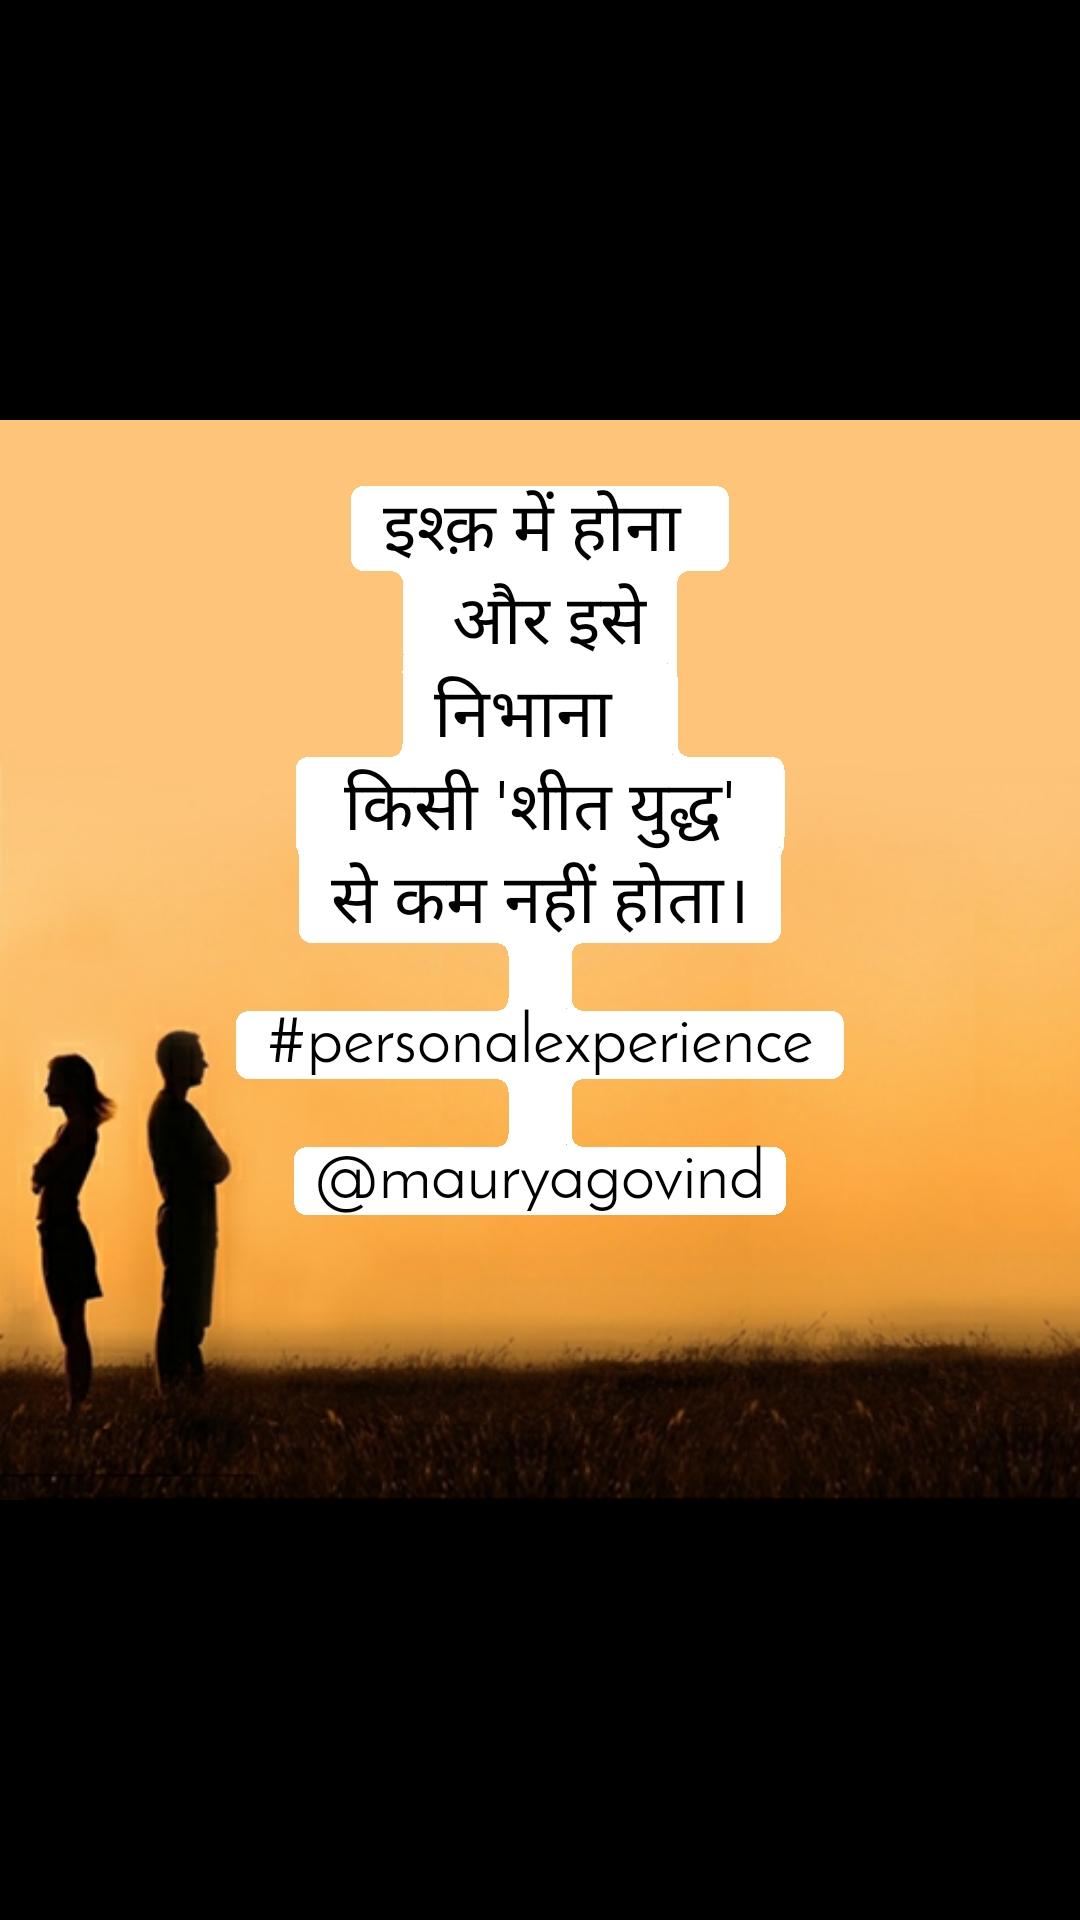 इश्क़ में होना   और इसे निभाना    किसी 'शीत युद्ध'  से कम नहीं होता।  #personalexperience  @mauryagovind